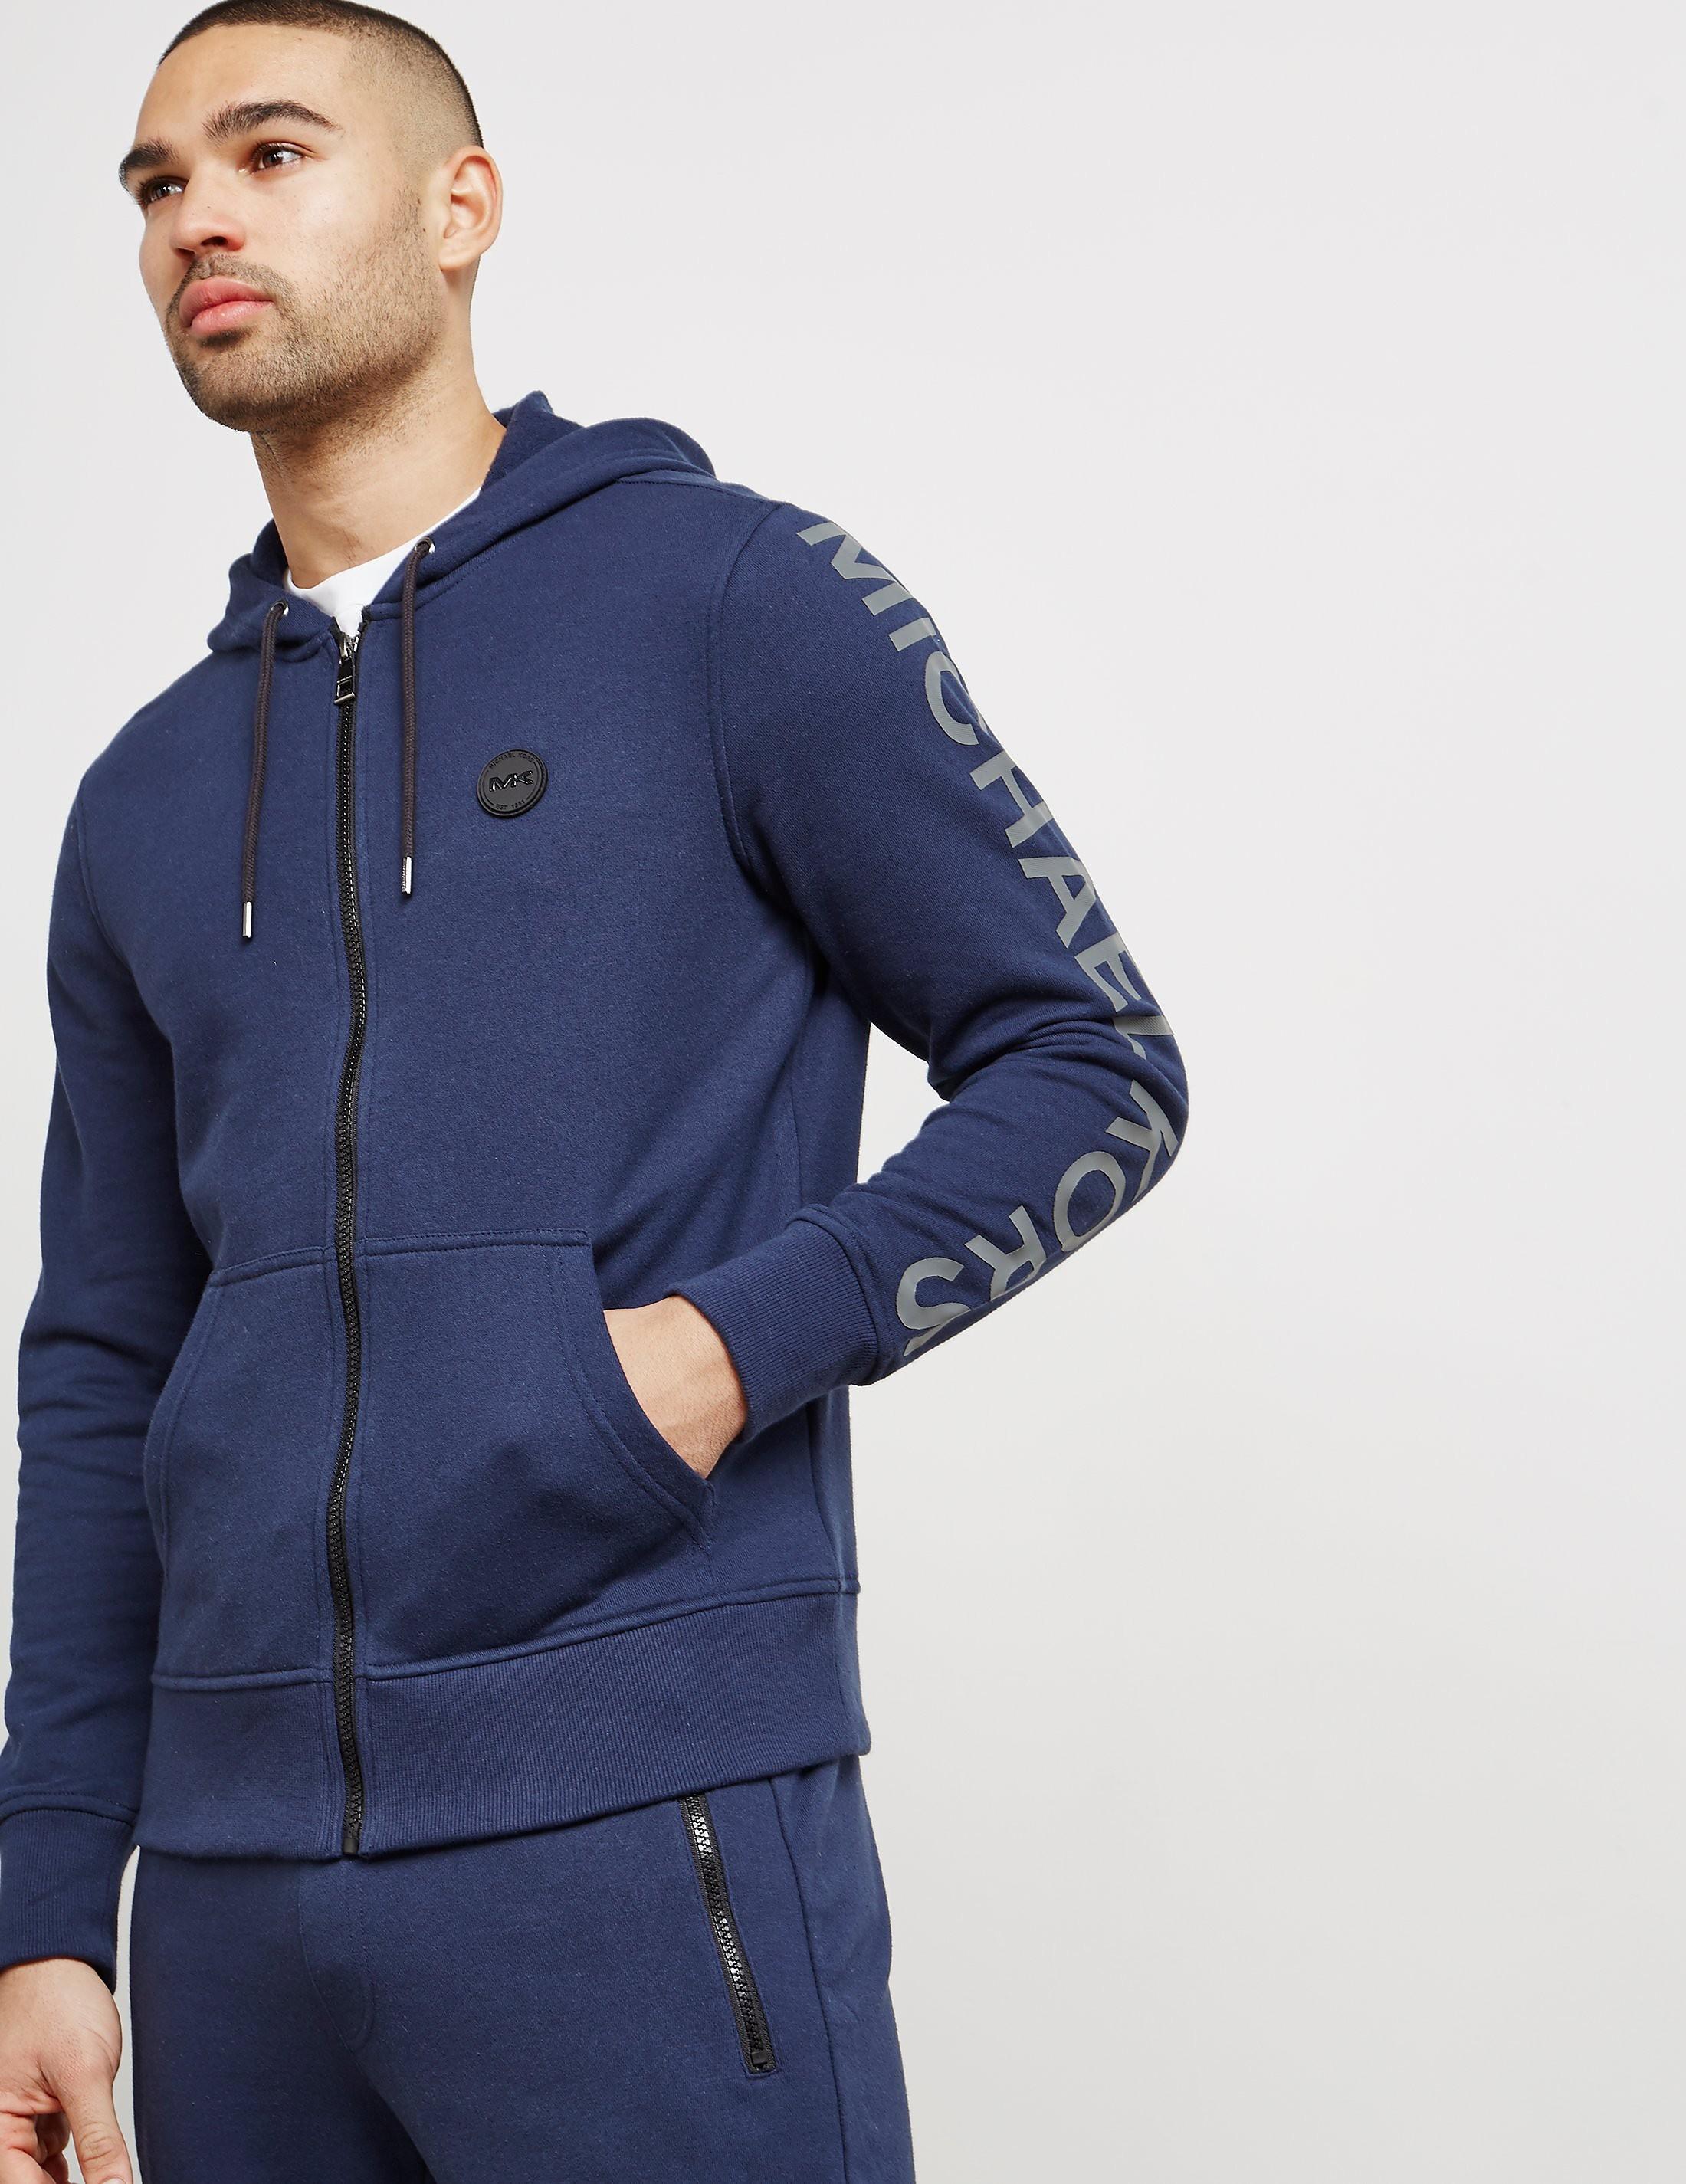 Michael Kors Arm Logo Full-Zip Hoodie